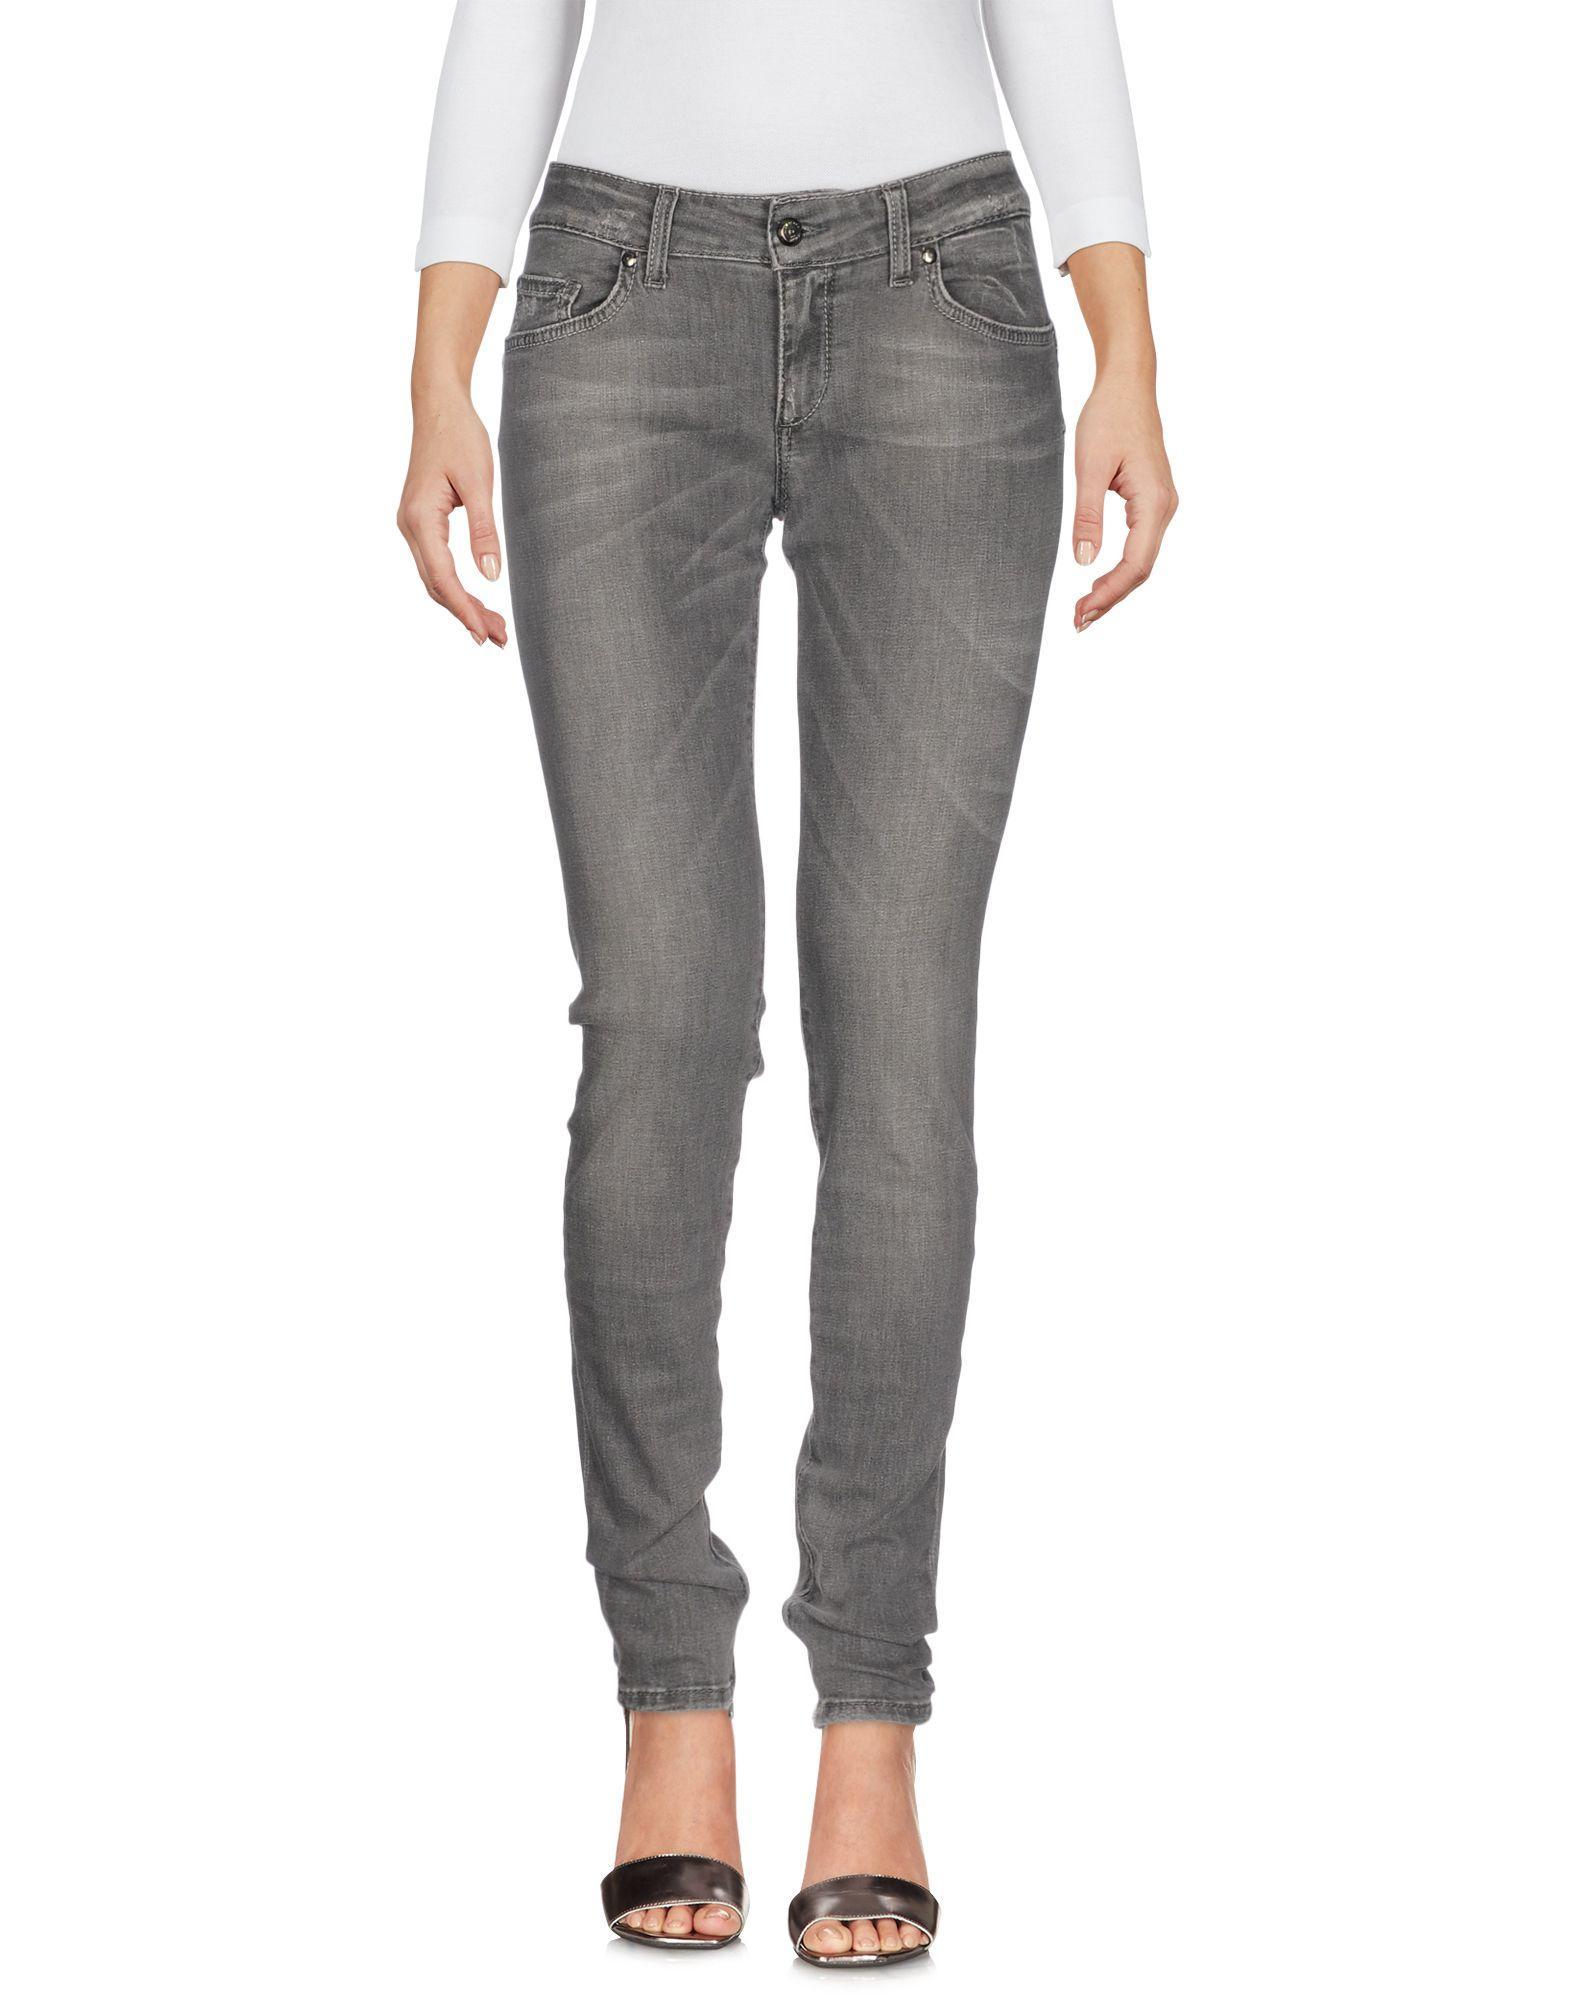 Liu •jo Jeans In Grey